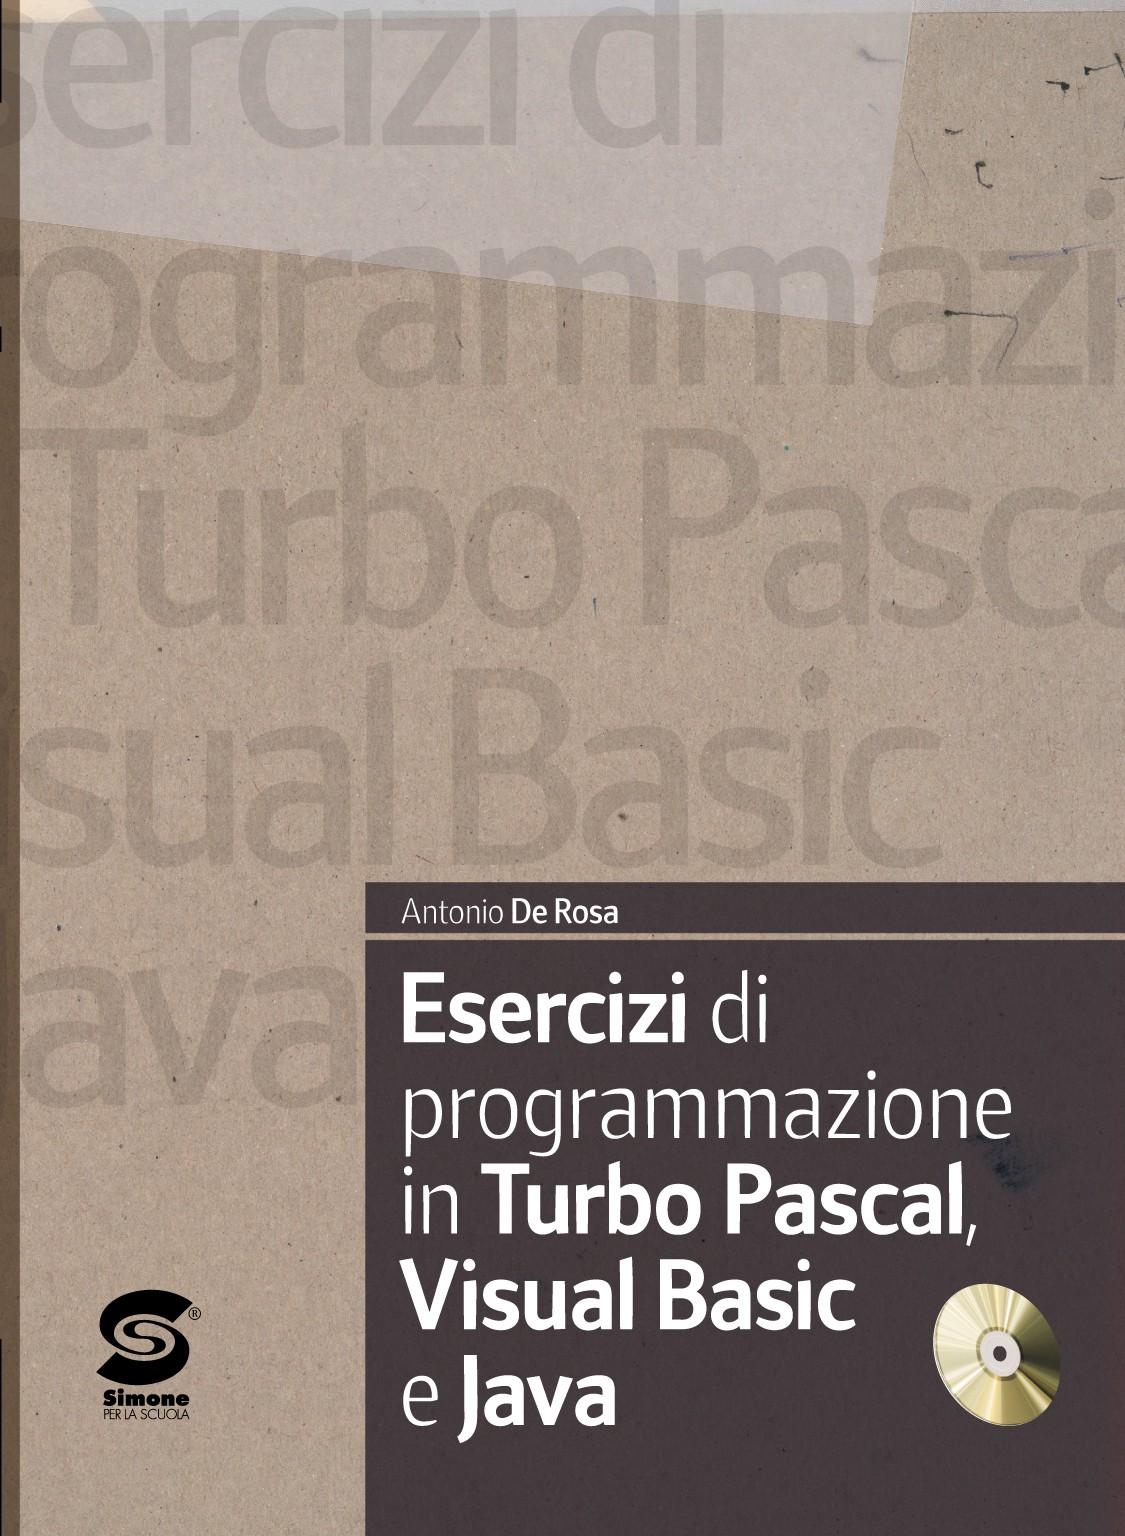 CLUBIC TÉLÉCHARGER 1.5 GRATUIT TURBO PASCAL